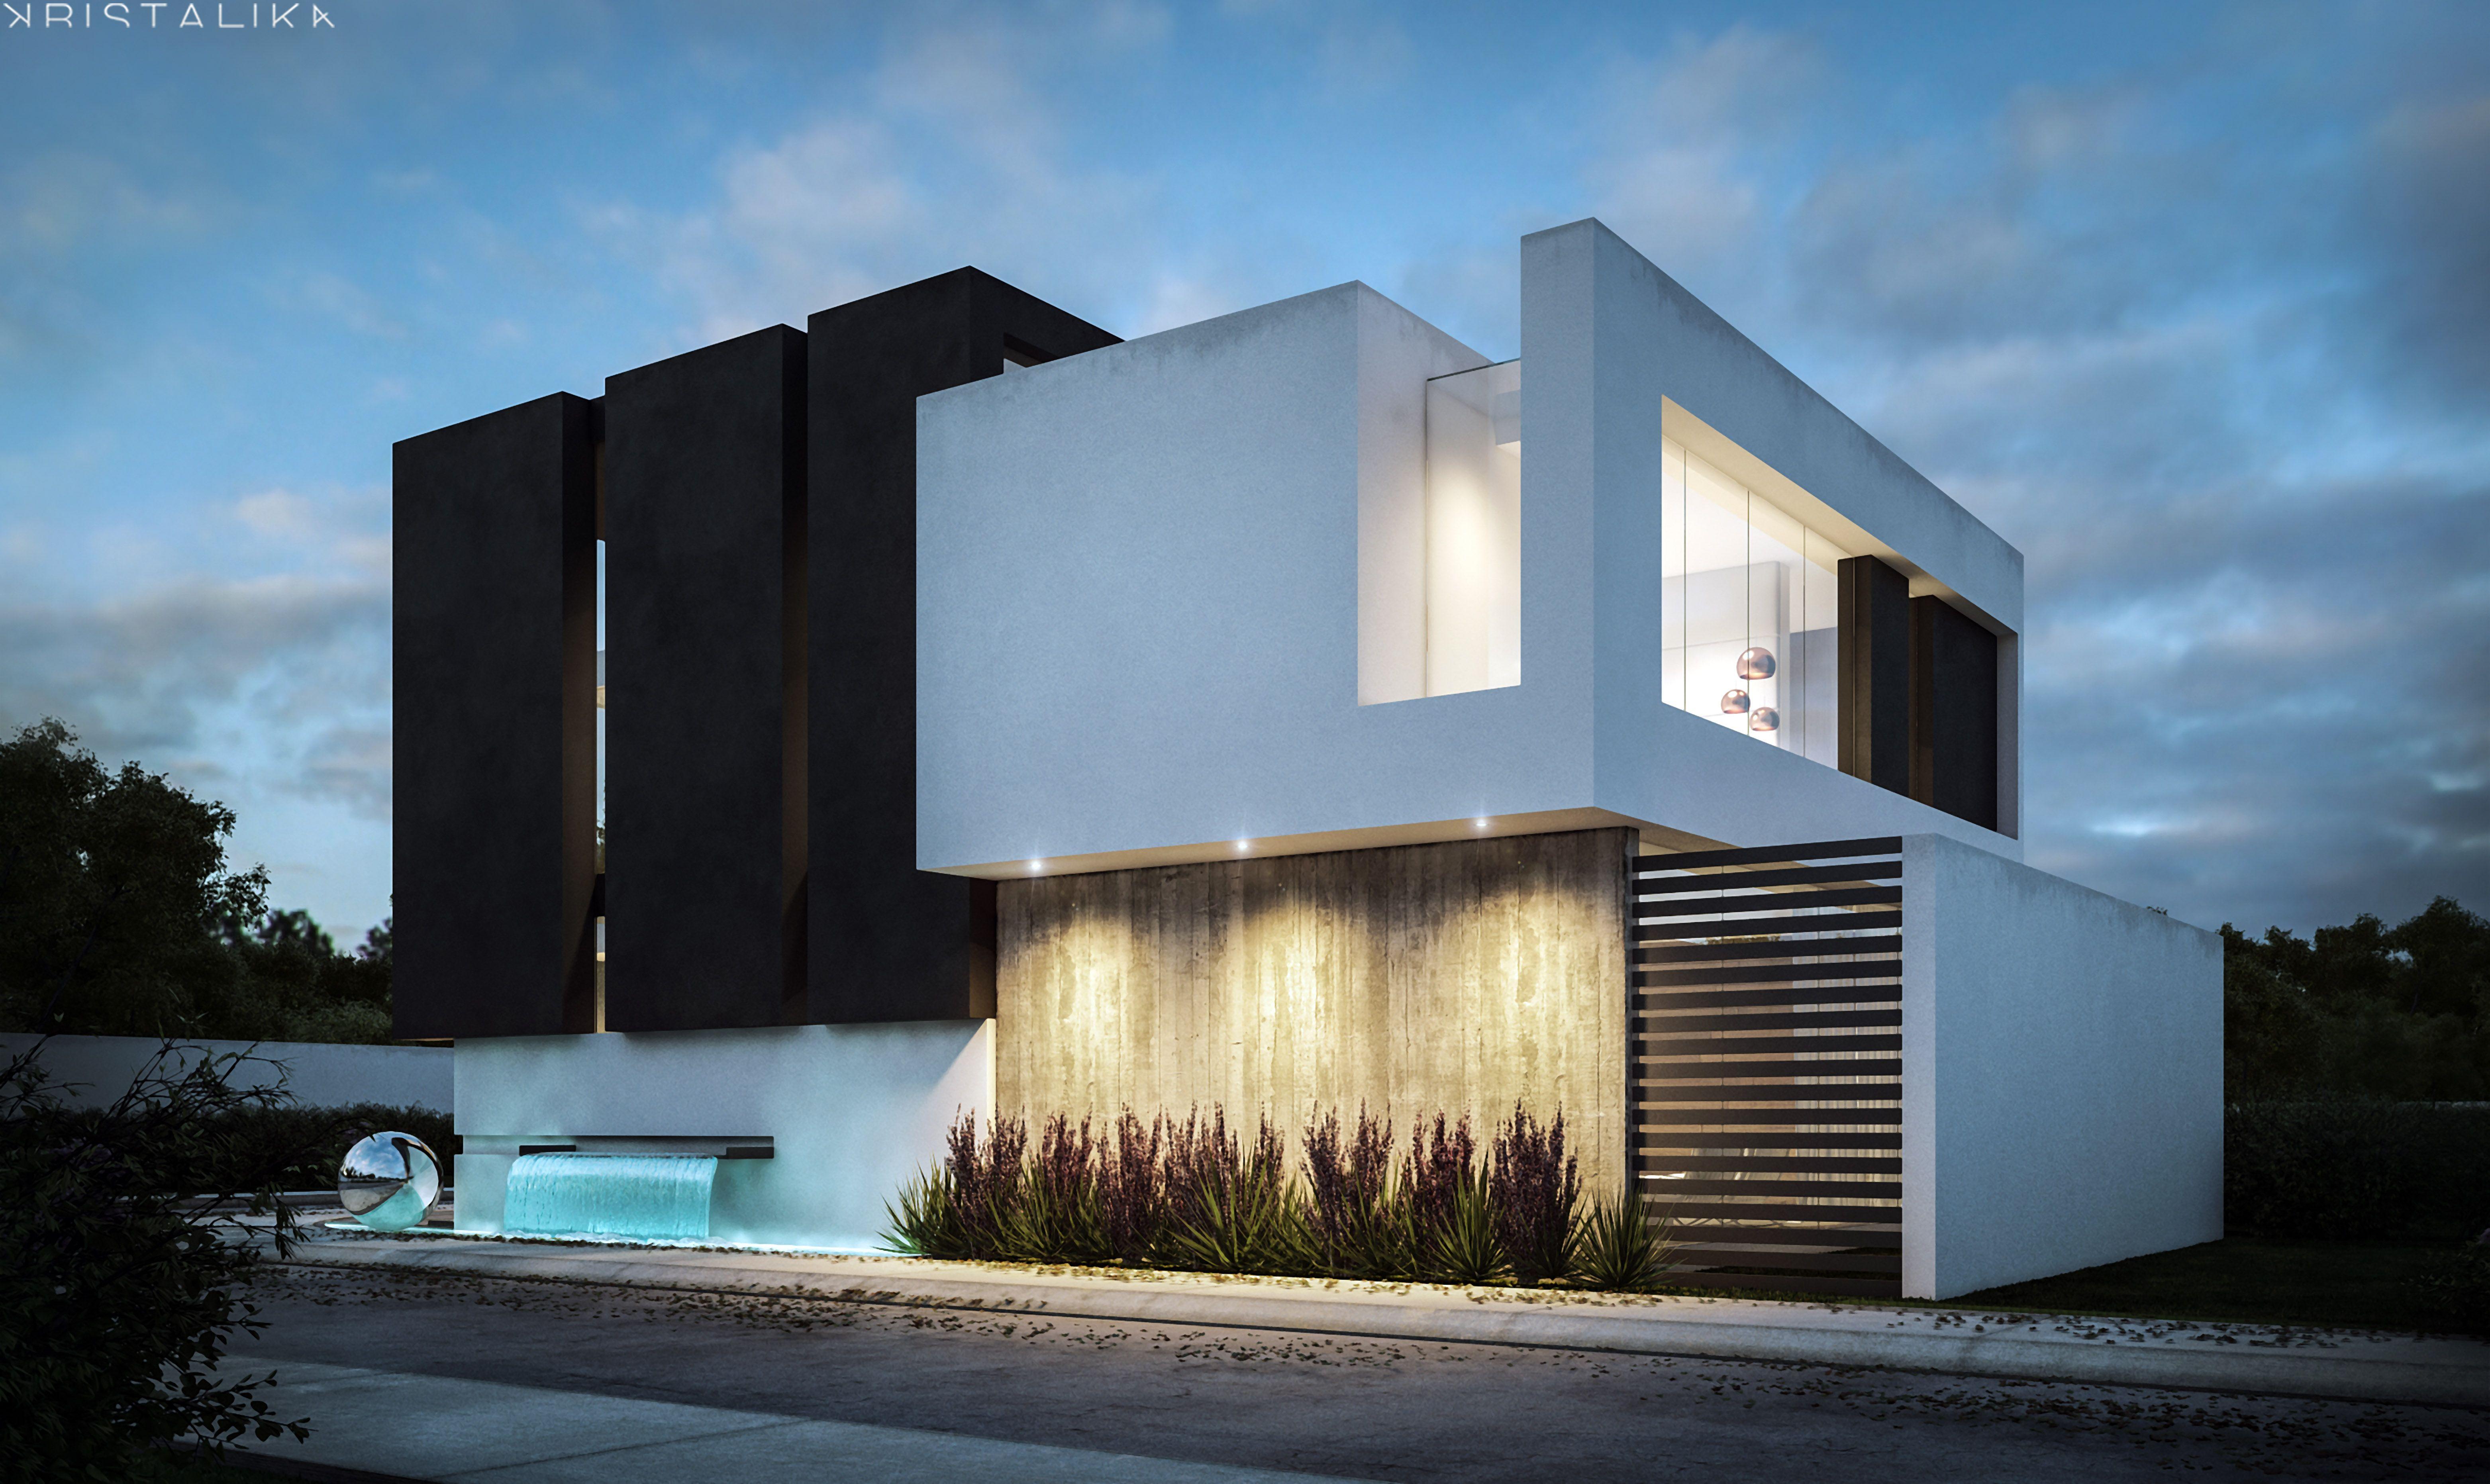 Imagen relacionada arquitectura casas modernas for Casa de arquitecto moderno